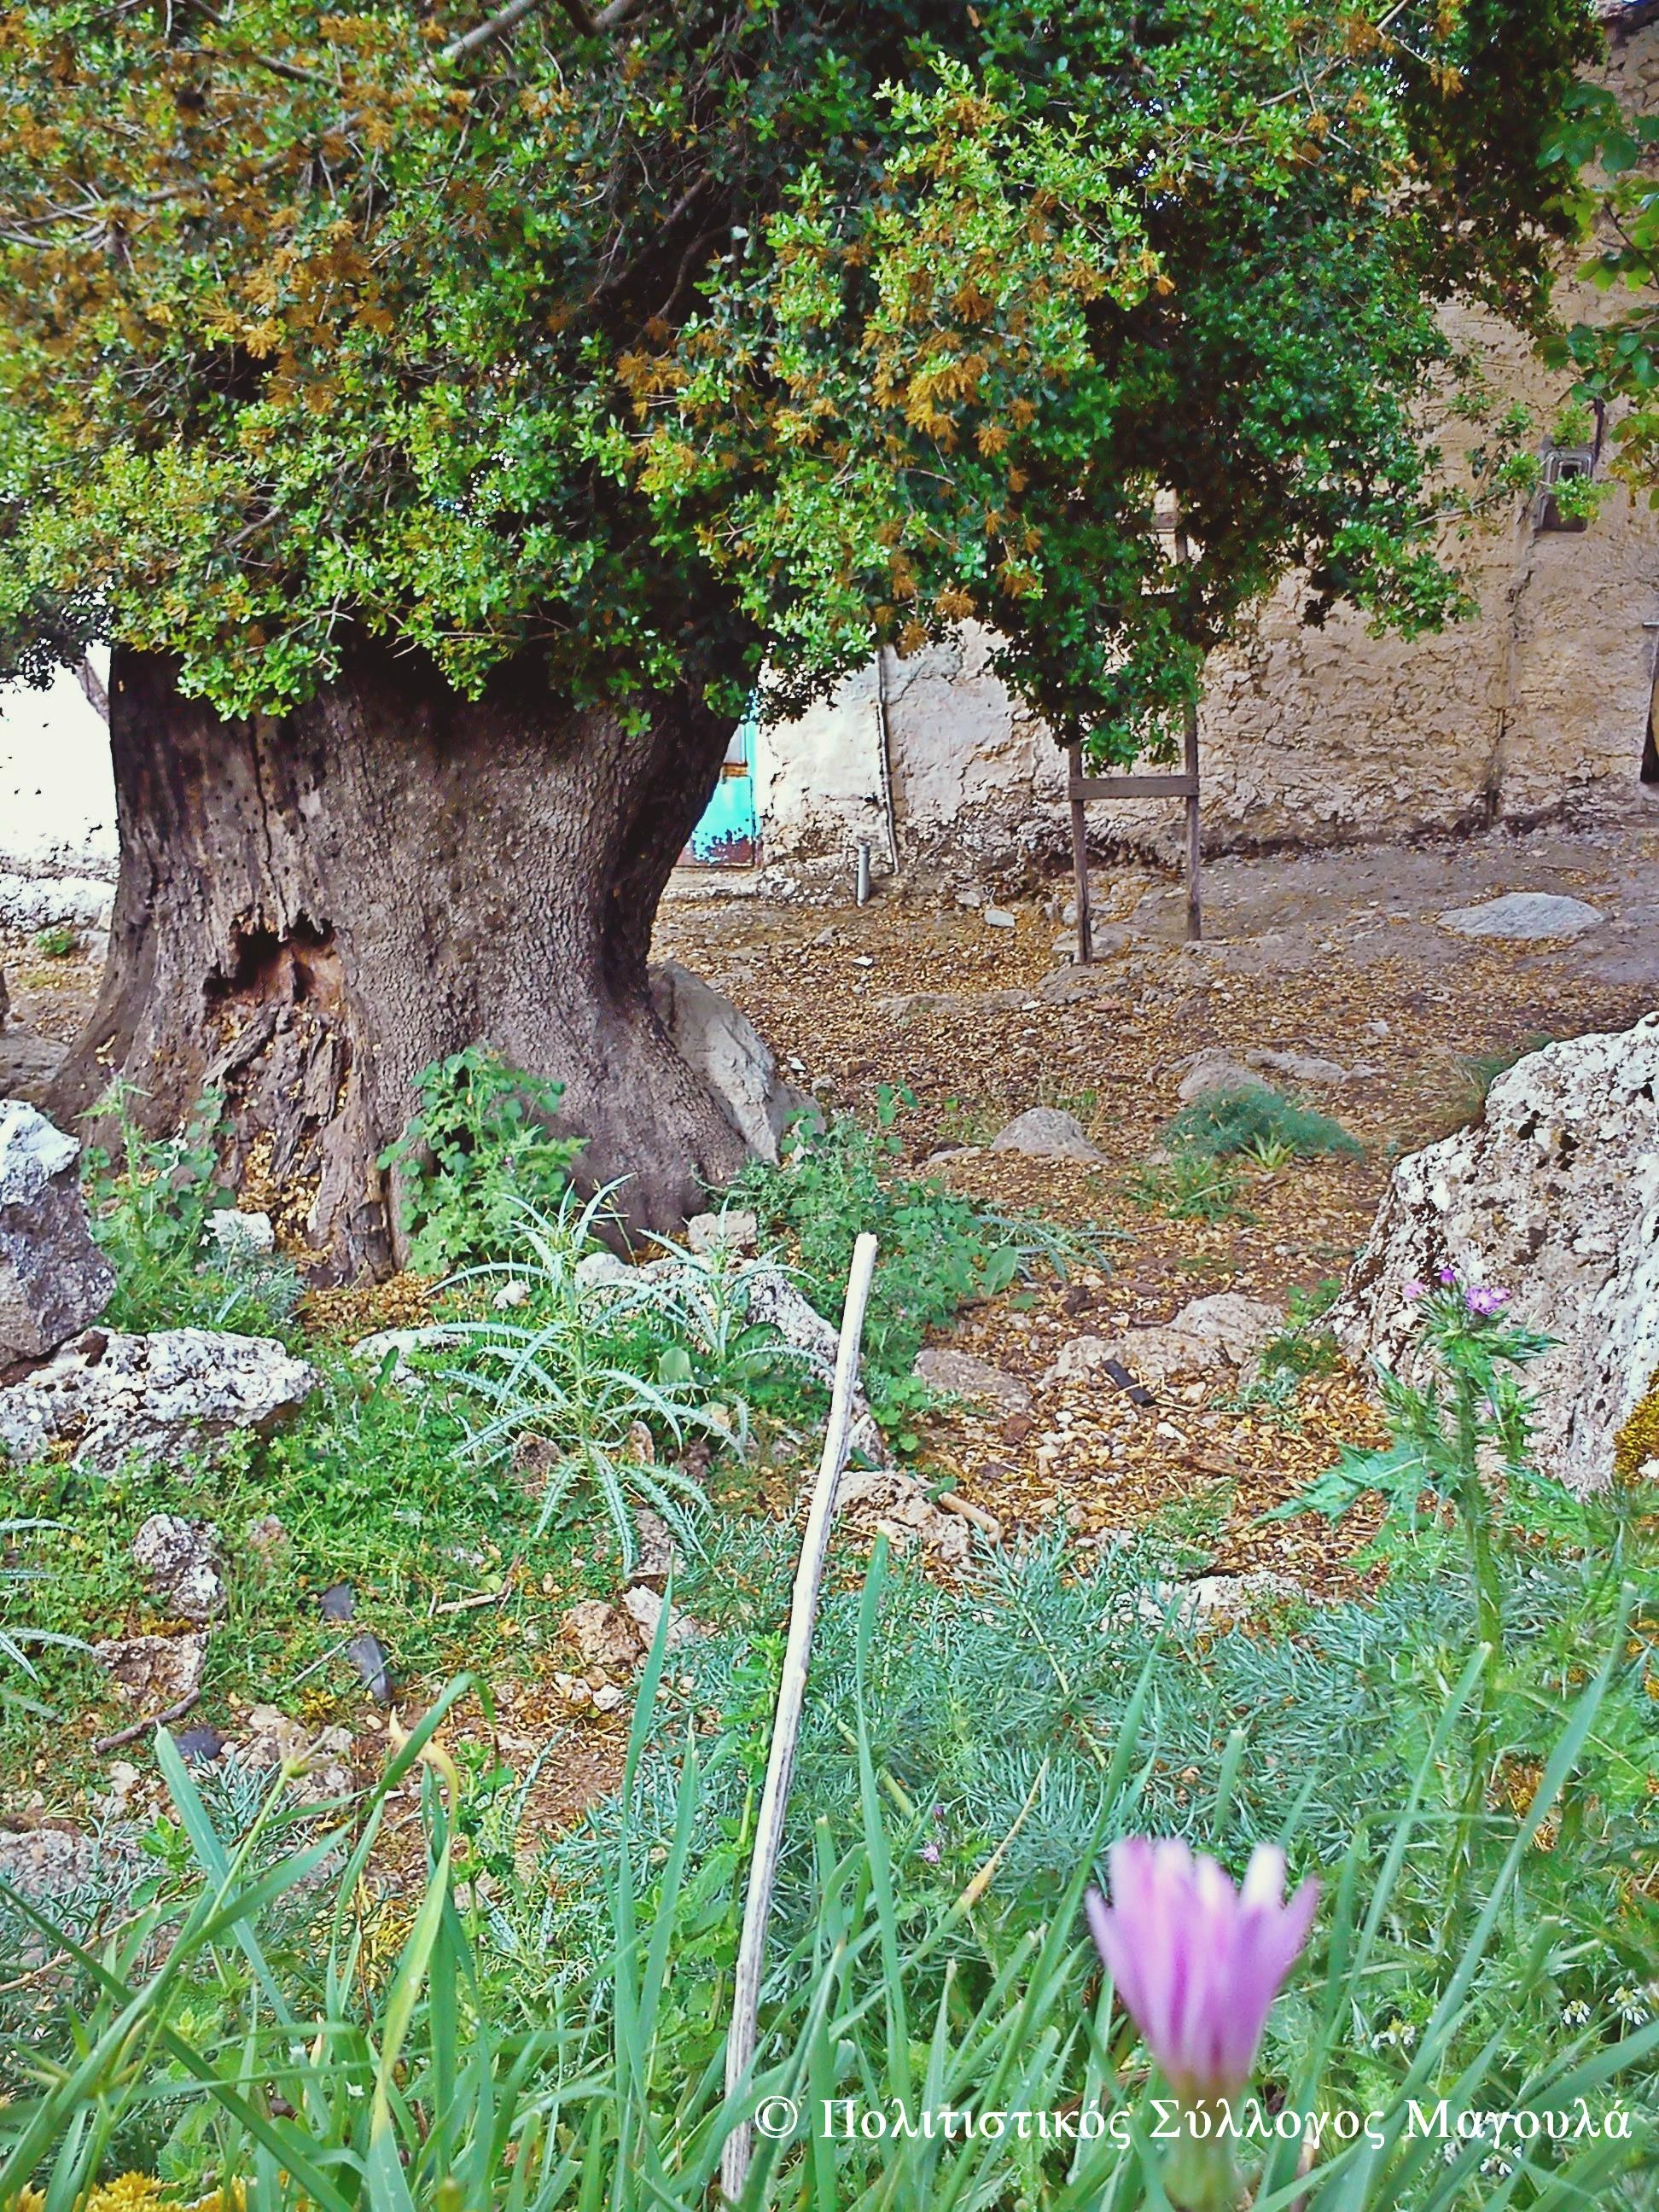 Μέσα στο χωριό- Inside the village